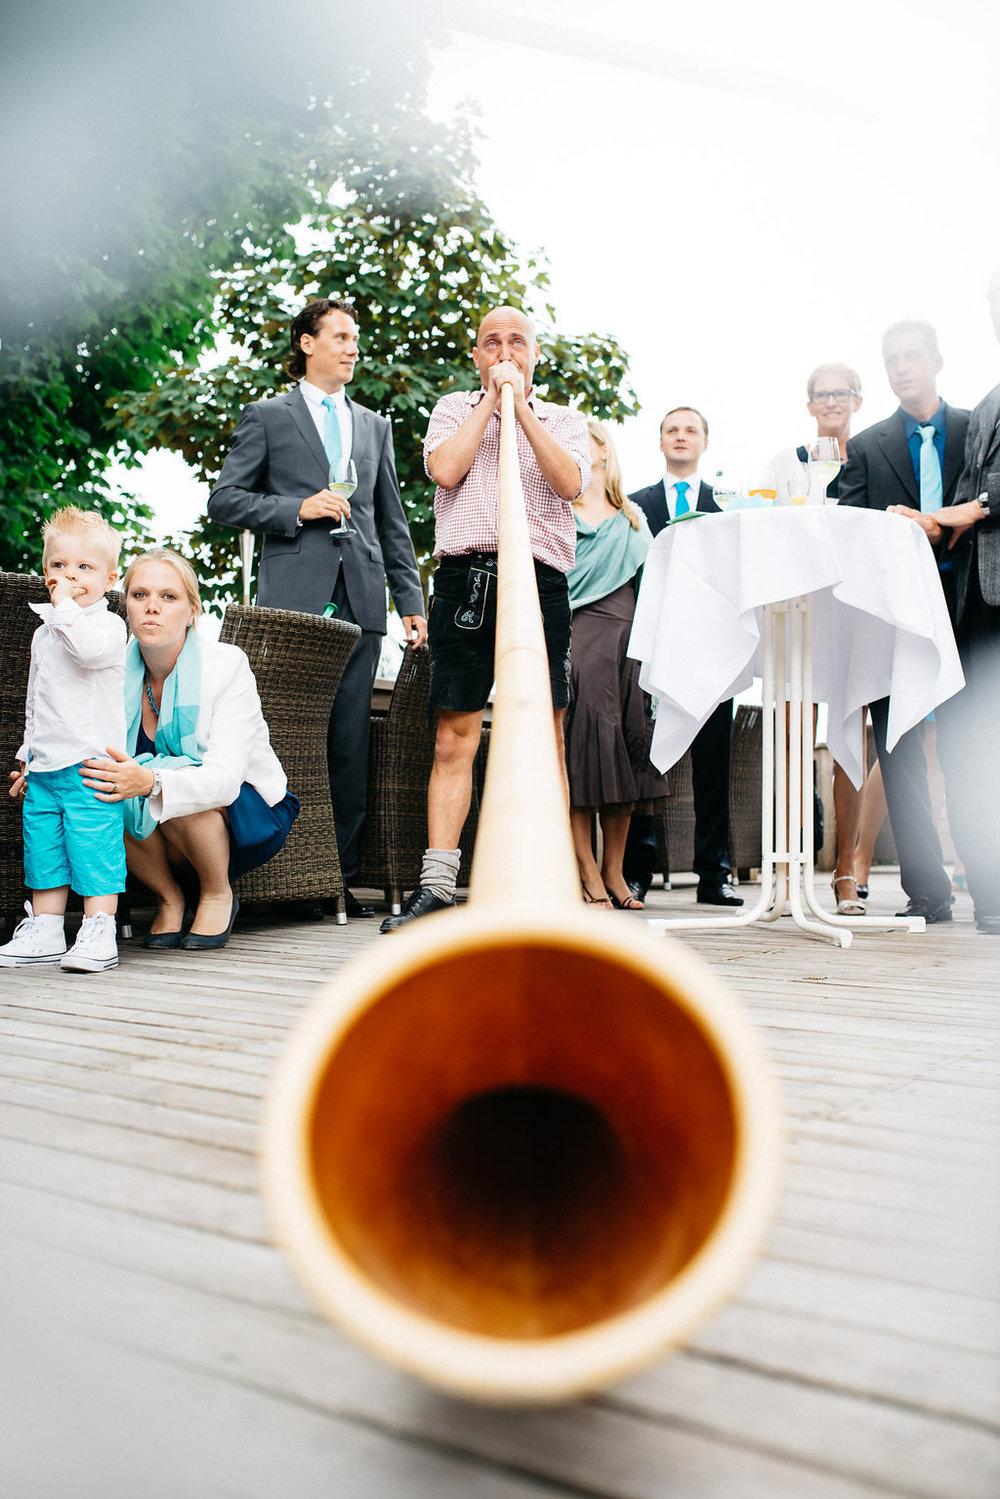 Hochzeitsfotograf-Muenchen-Hochzeit-am-Ammersee-Andrea-Koen00050.jpg